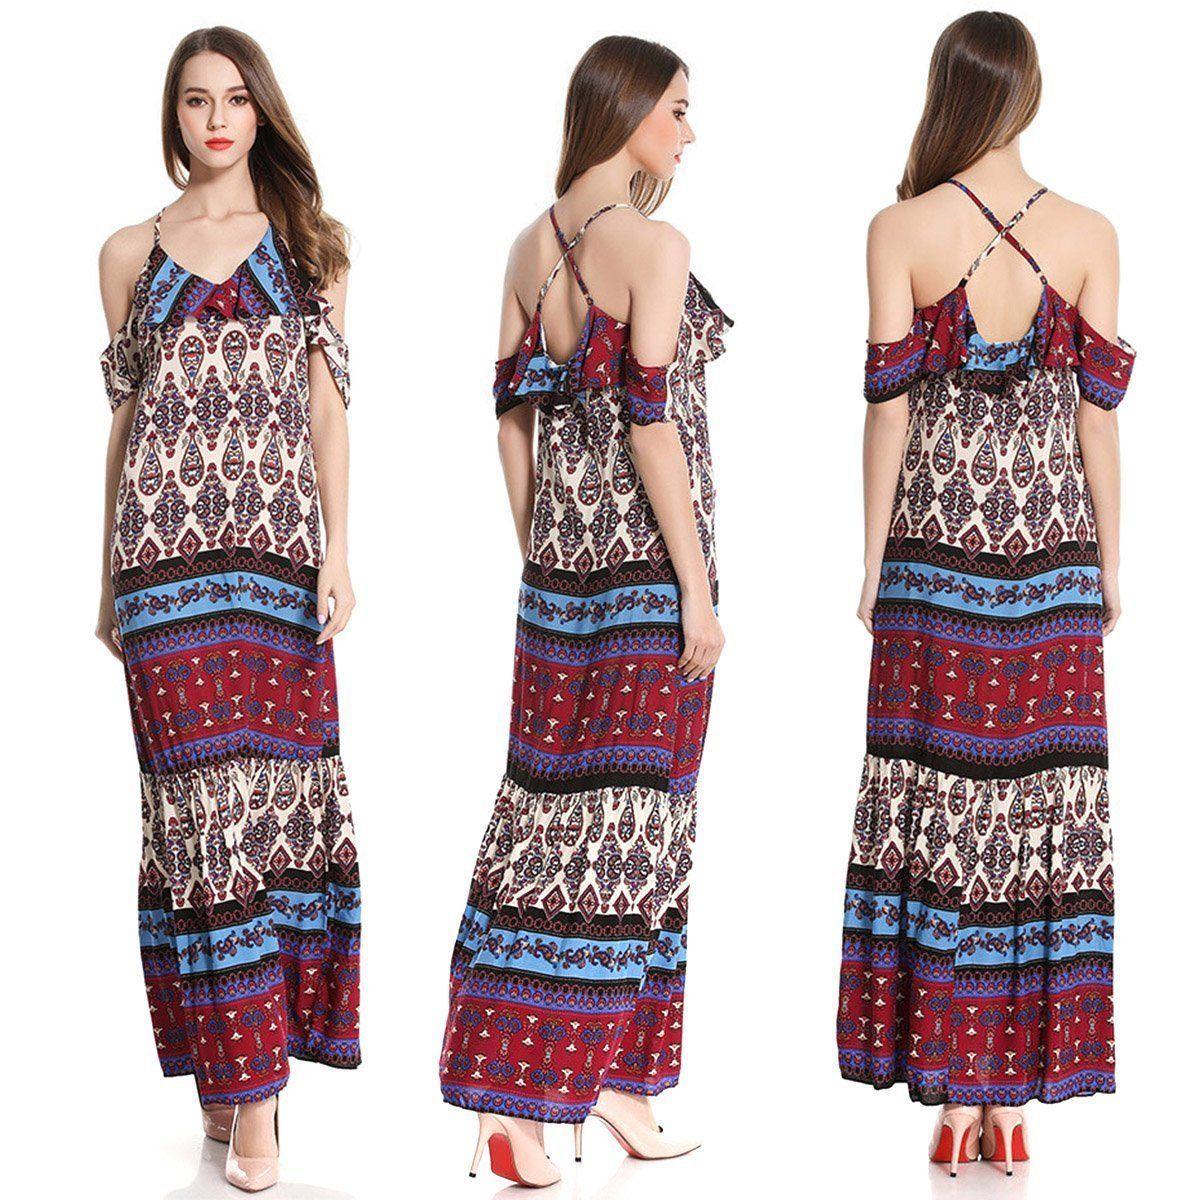 Women summer beach floral off shoulder evening party boho long dress